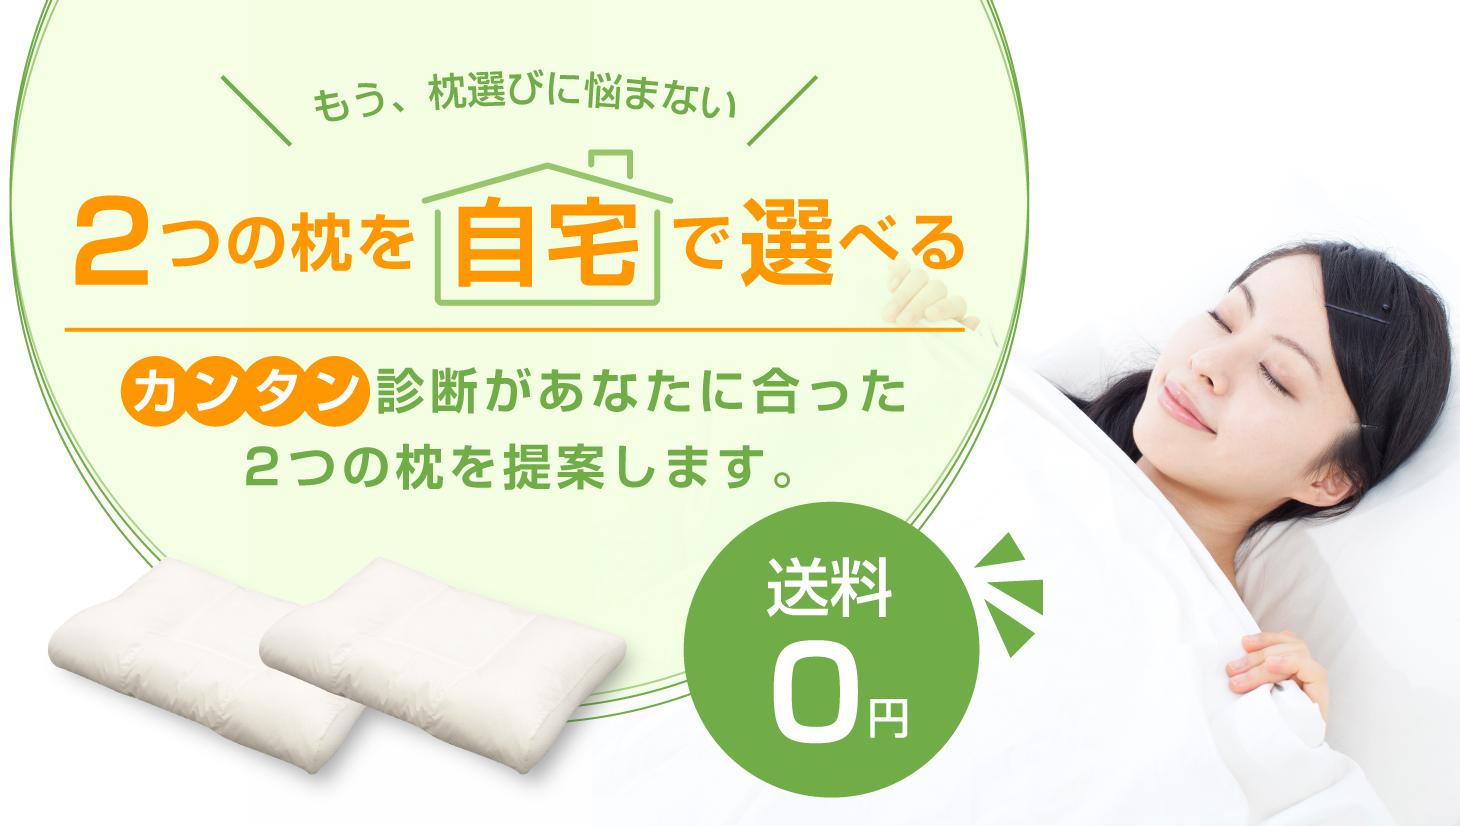 もう、枕選びに悩まない。2つの枕を自宅で選べる。カンタン診断があなたに合った2つの枕を提案します。 送料0円